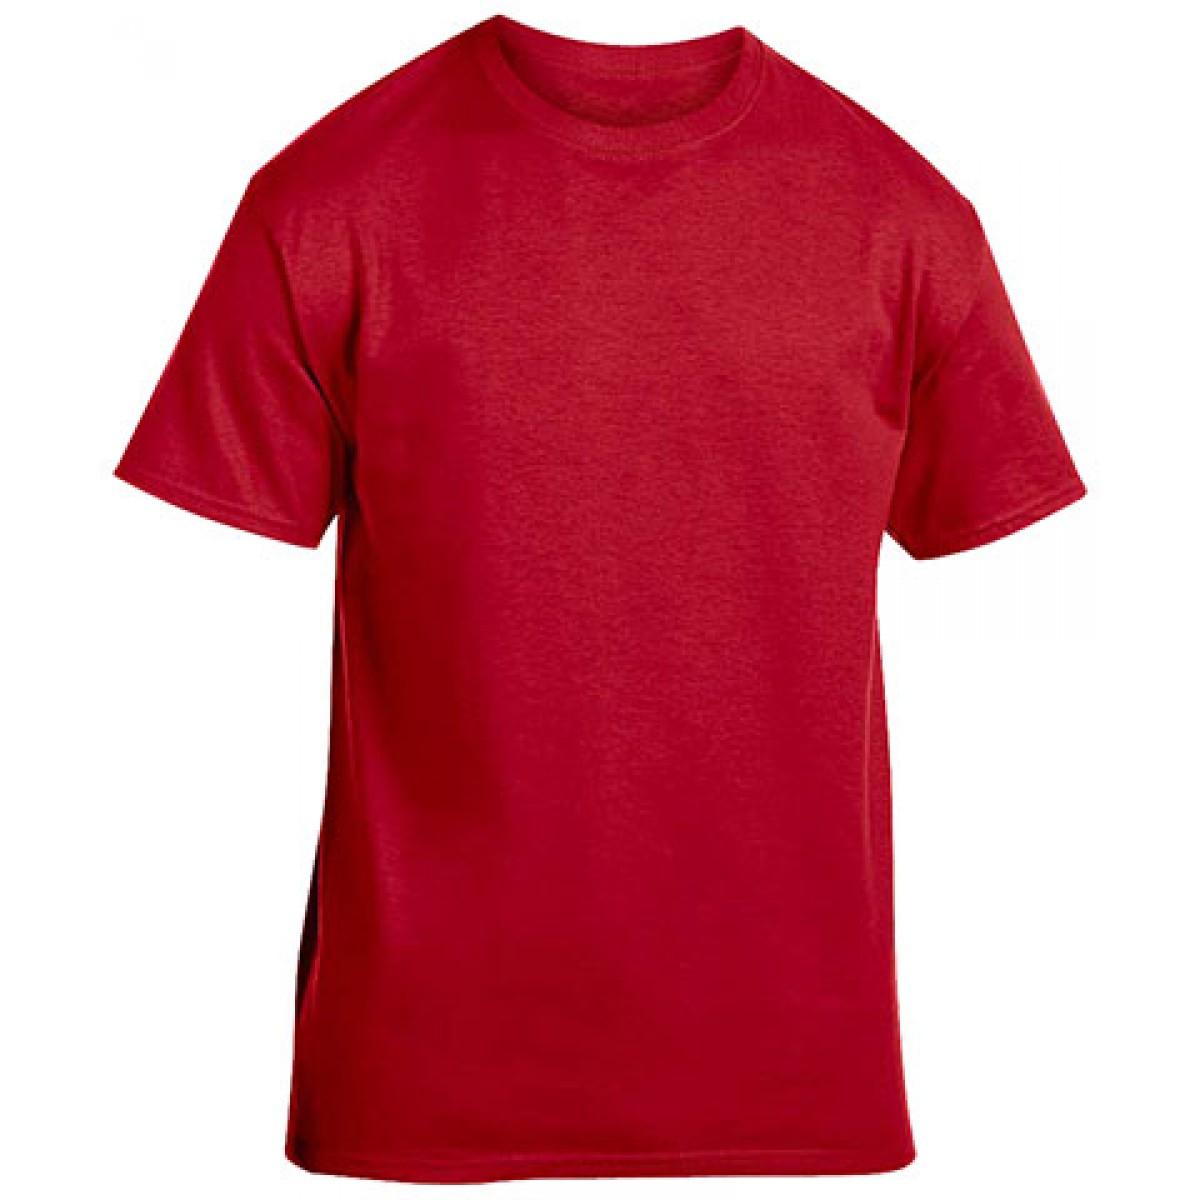 Cotton Short Sleeve T-Shirt-Cardinal Red-3XL